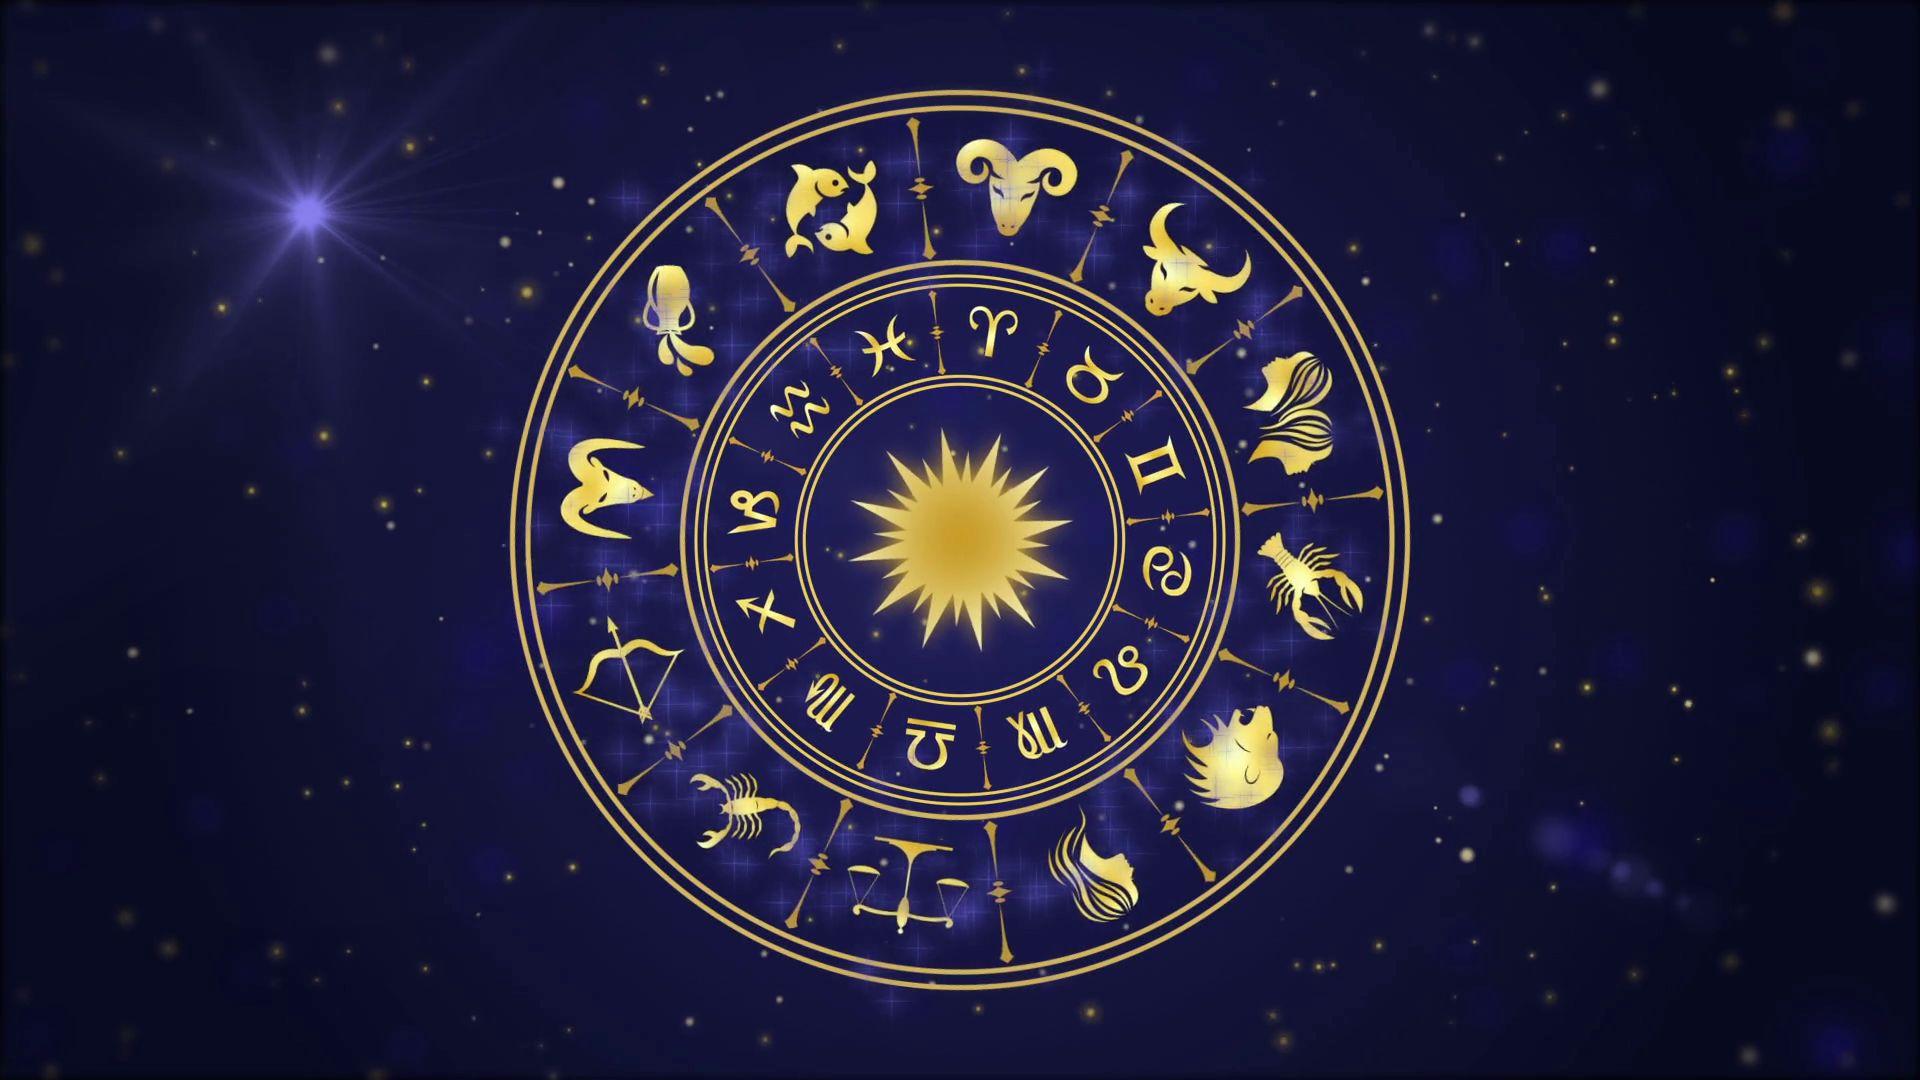 Horoskop 30 Agustus 2021: Banyak Rintangan yang Dialami Pisces, Aquarius, dan Capricorn